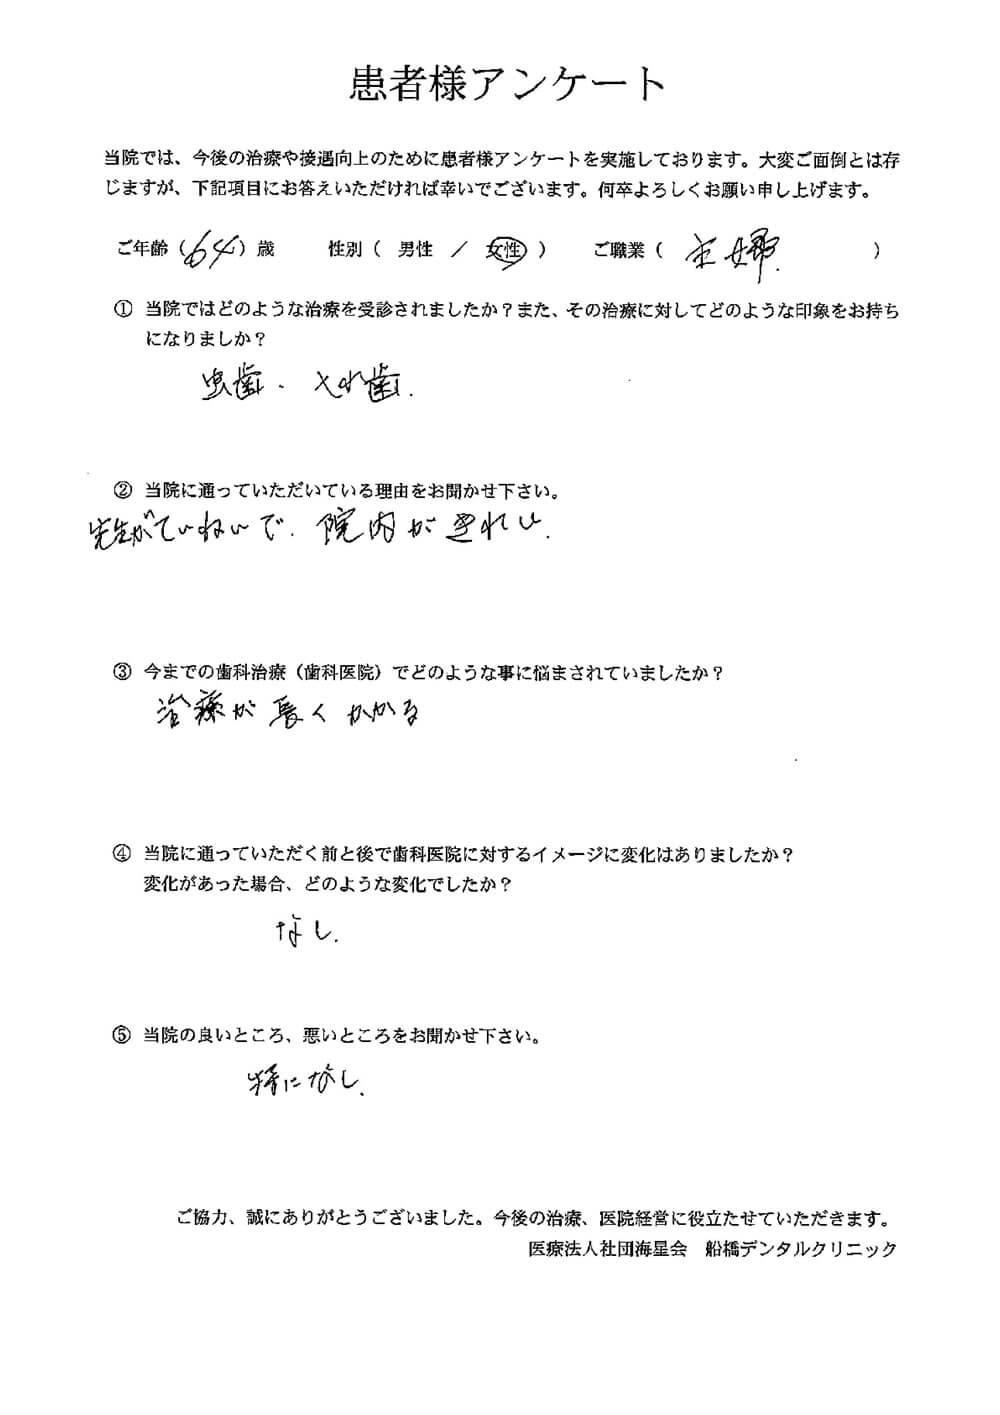 船橋デンタルクリニックの口コミ・評判アンケート9